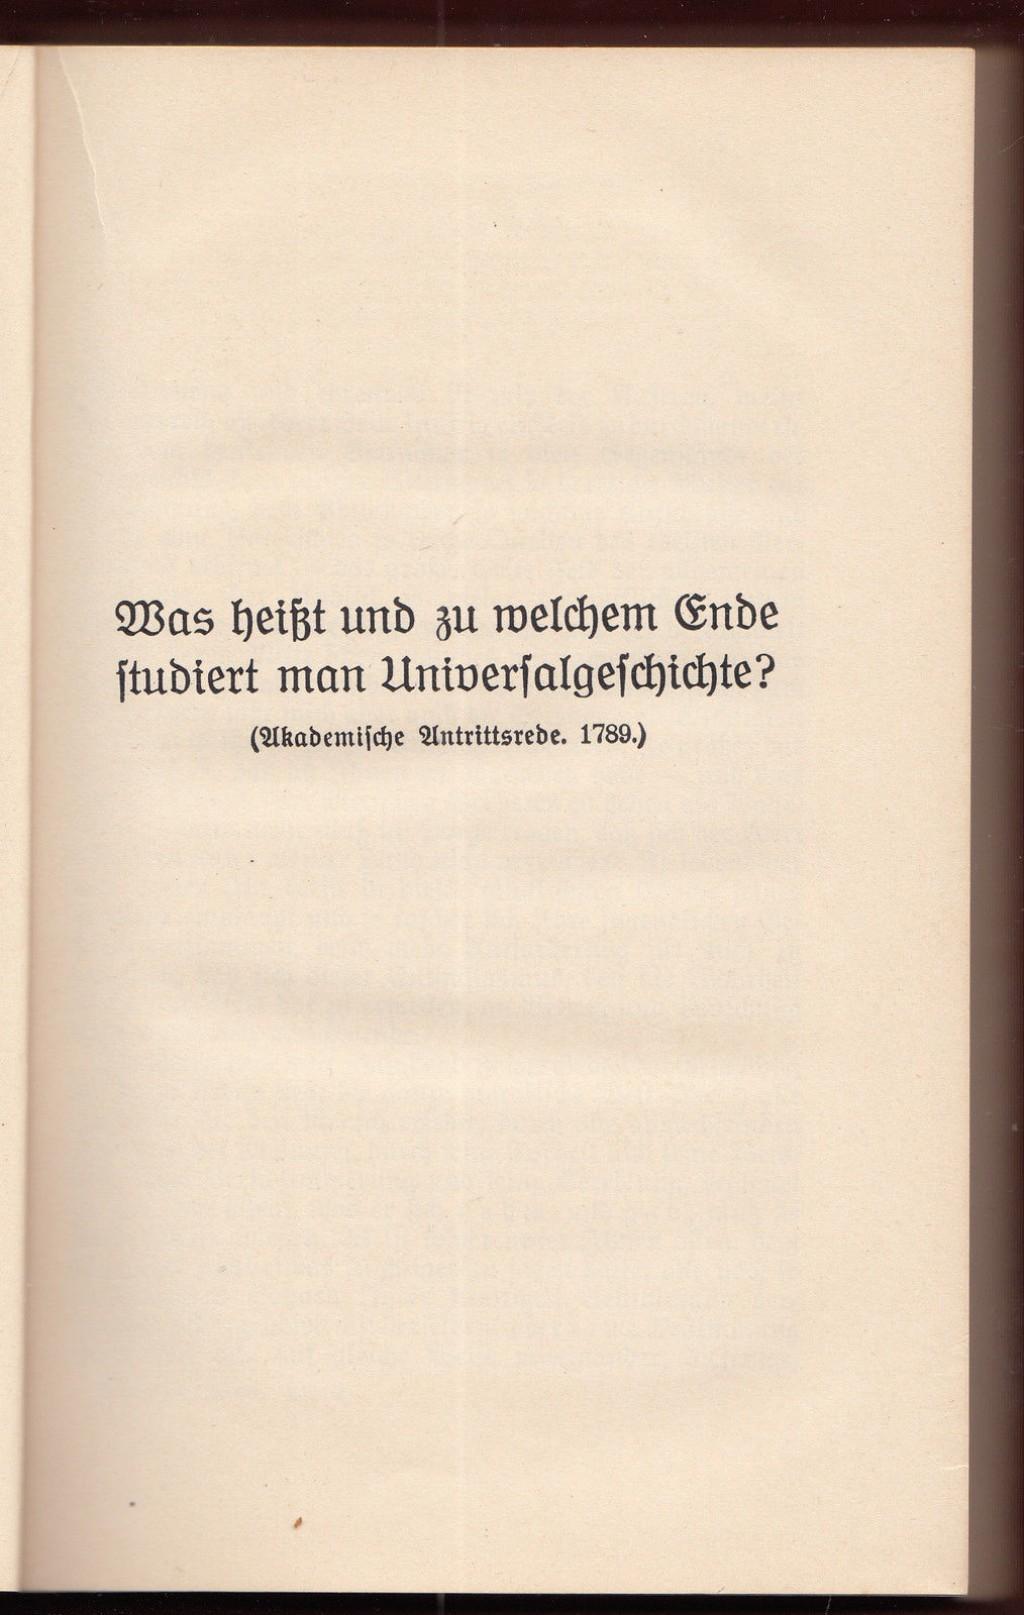 004 Essay Example Friedrich Schiller Schriften Vol Werke Ger Philosophy History Essays Awful Large